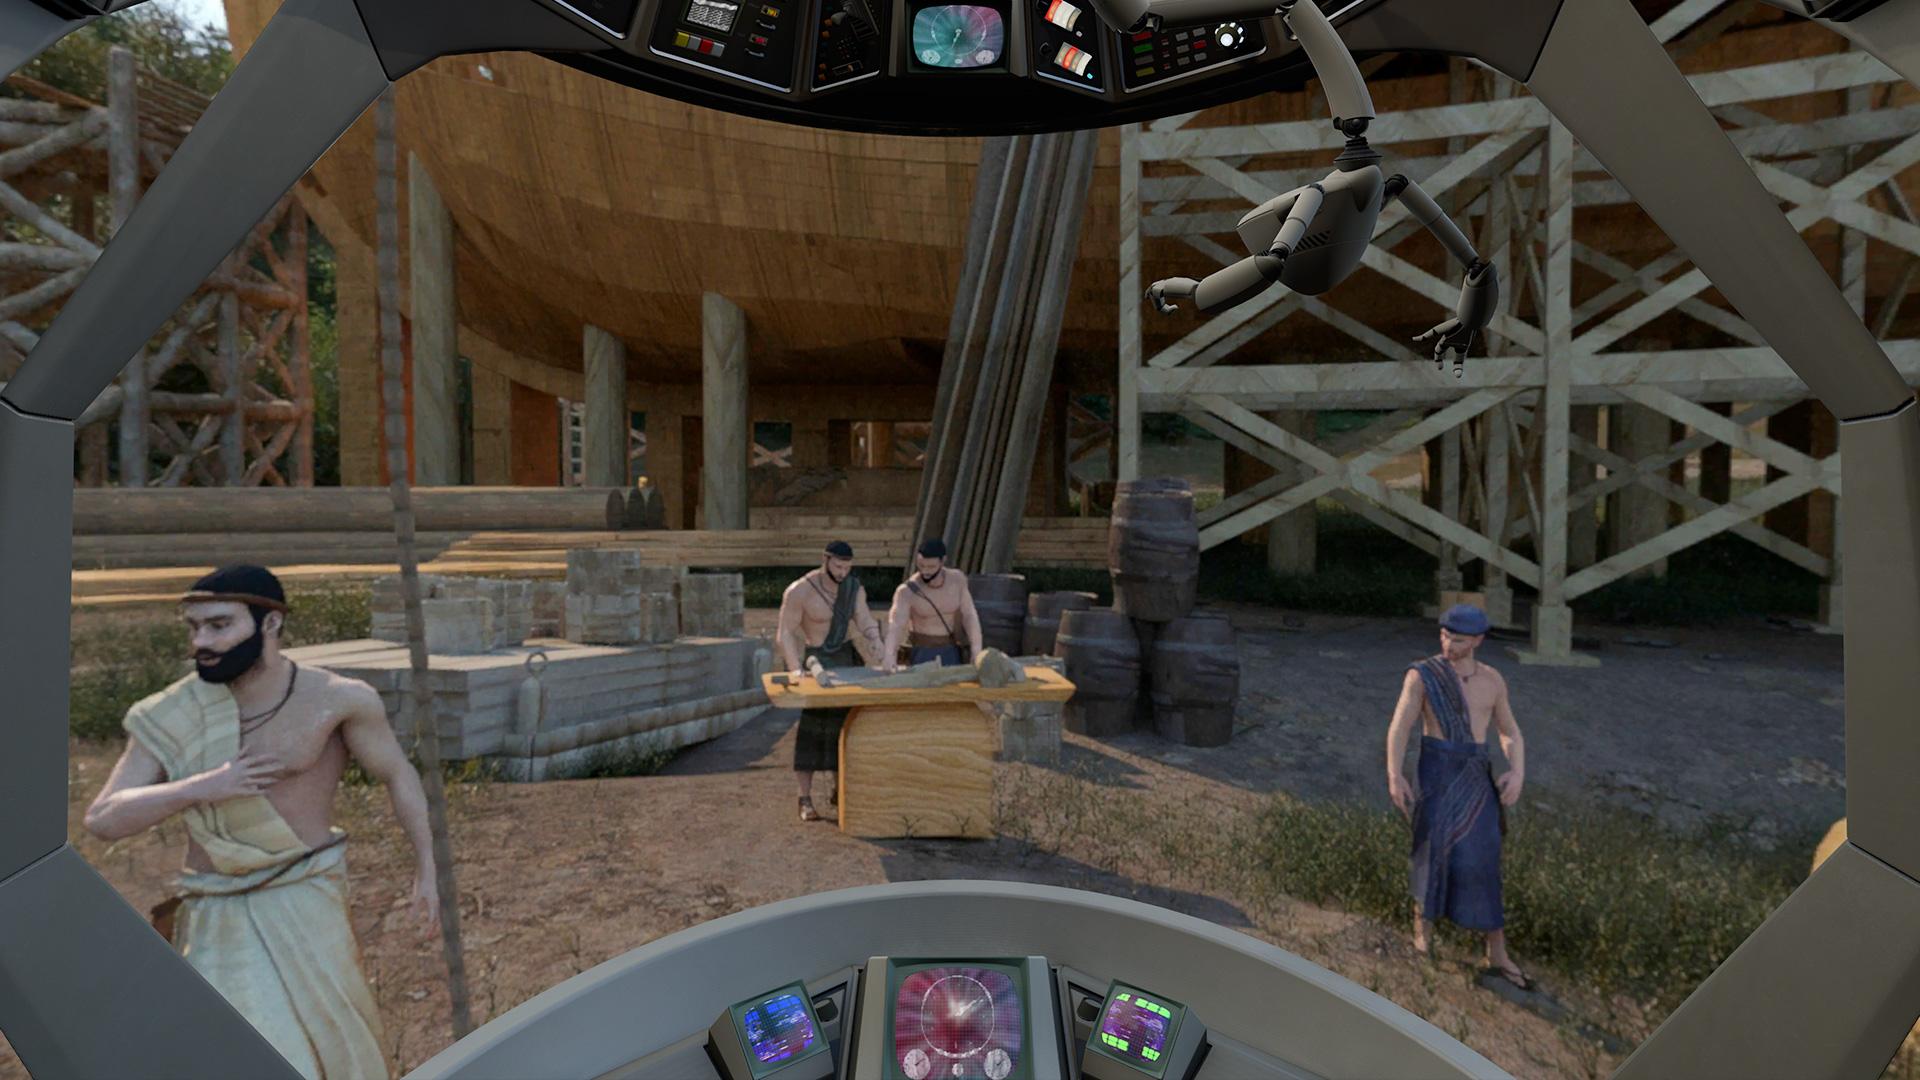 Vr noah's ark